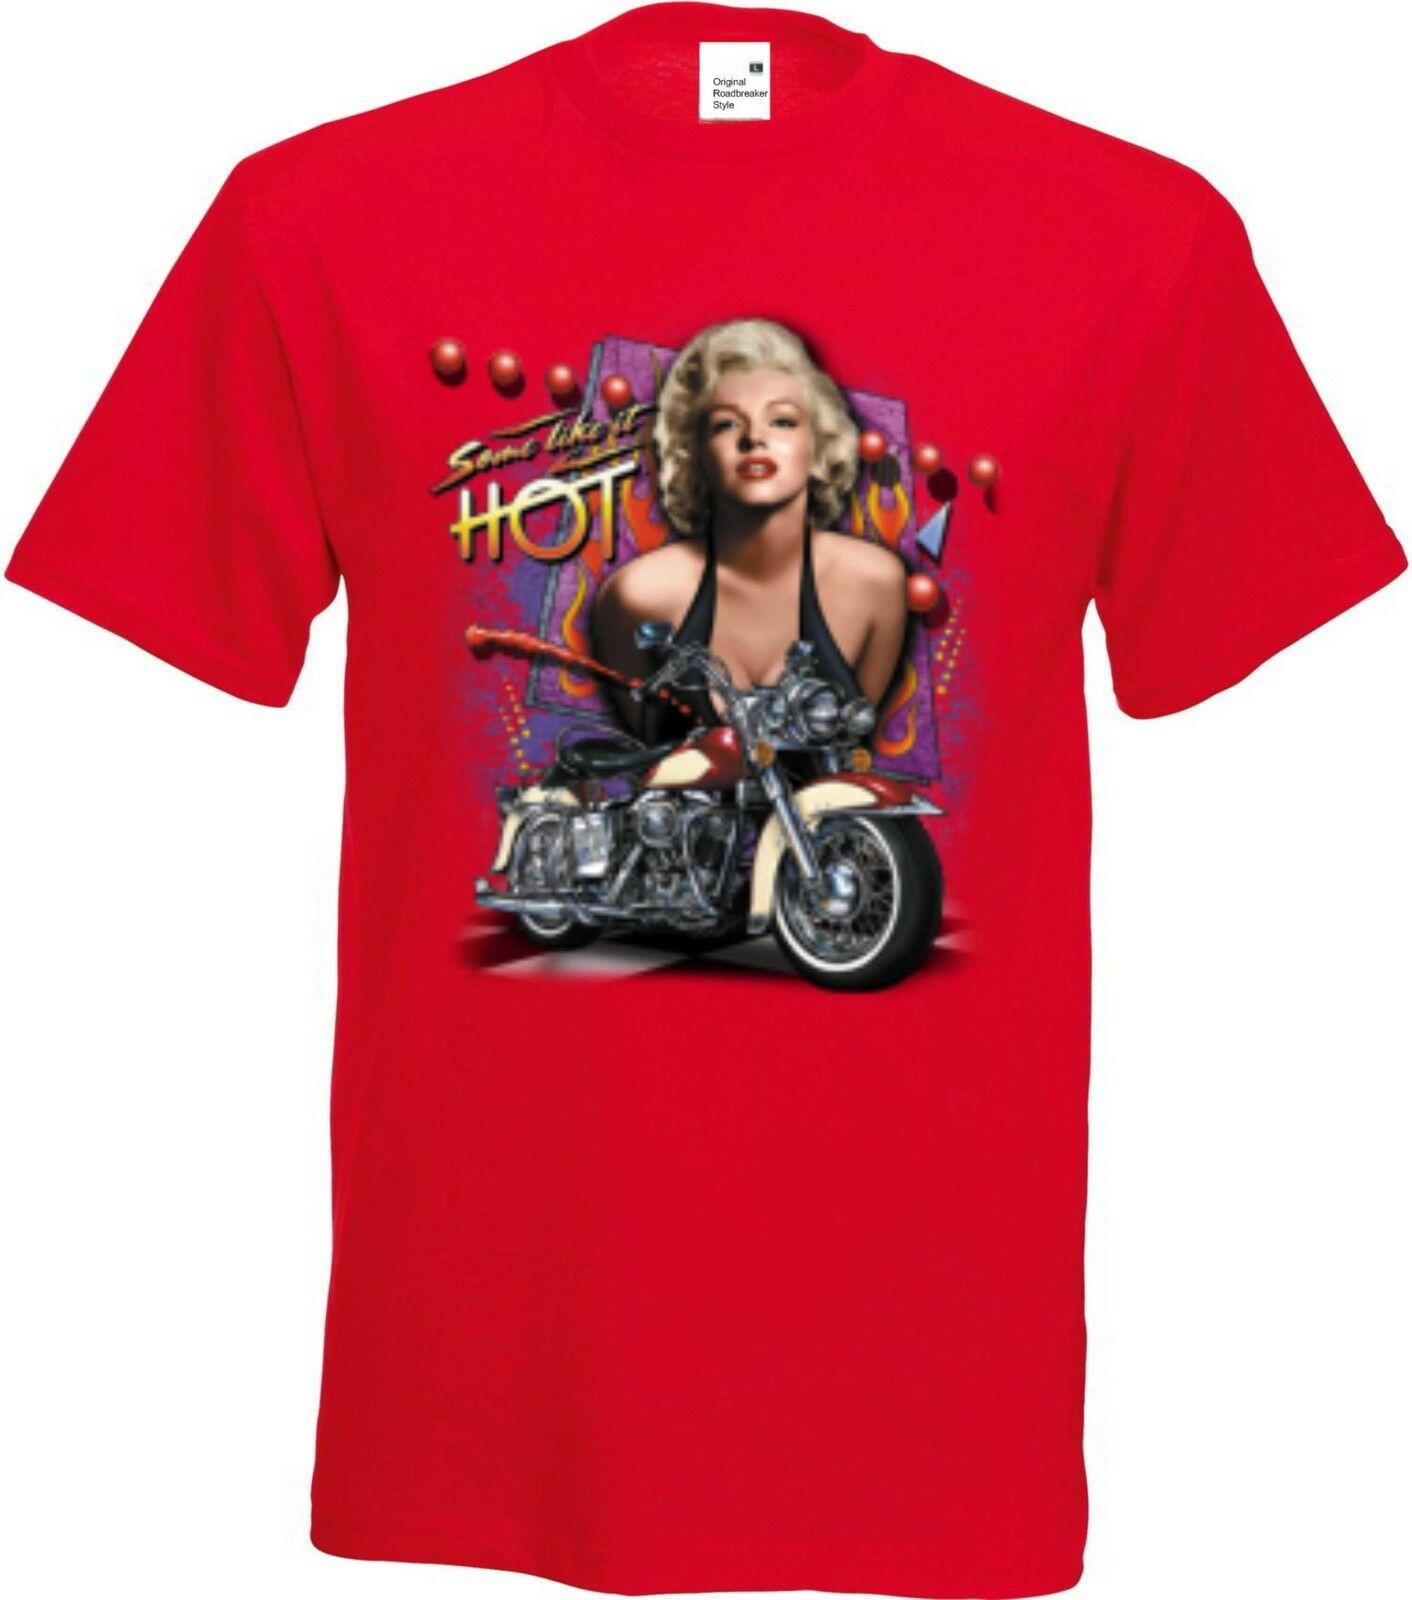 T Shirt Rotton Hd V Twin Biker Monroe Old Schooldruck Modell Marilyn Monroe